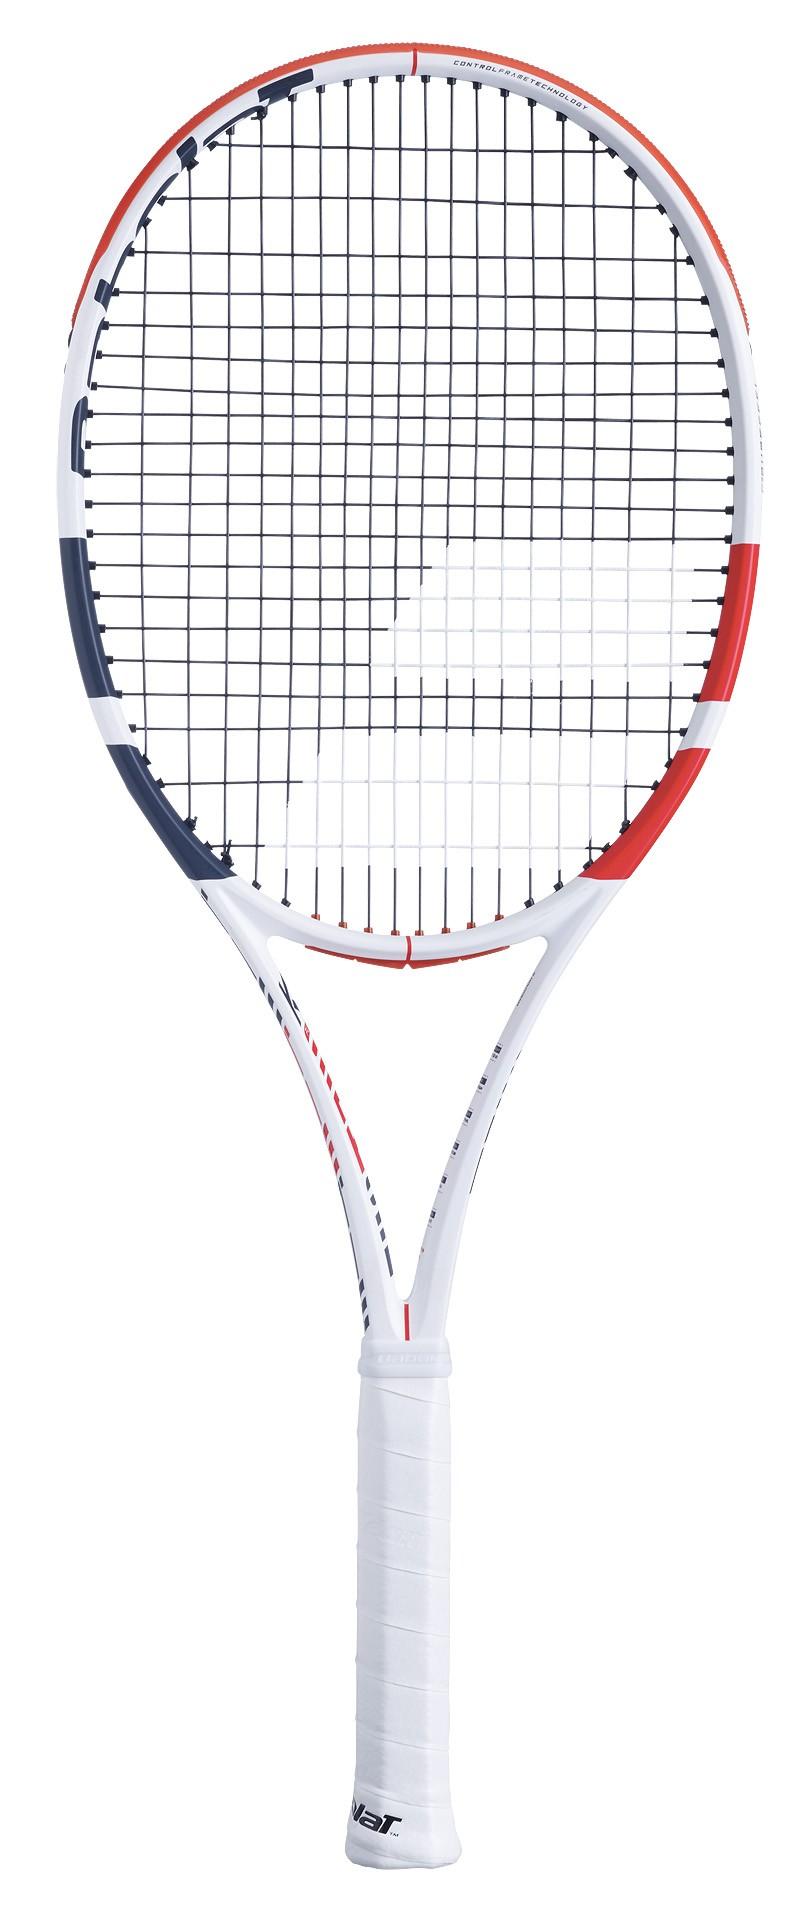 Rakieta tenisowa Babolat Pure Strike 18/20 3.gen